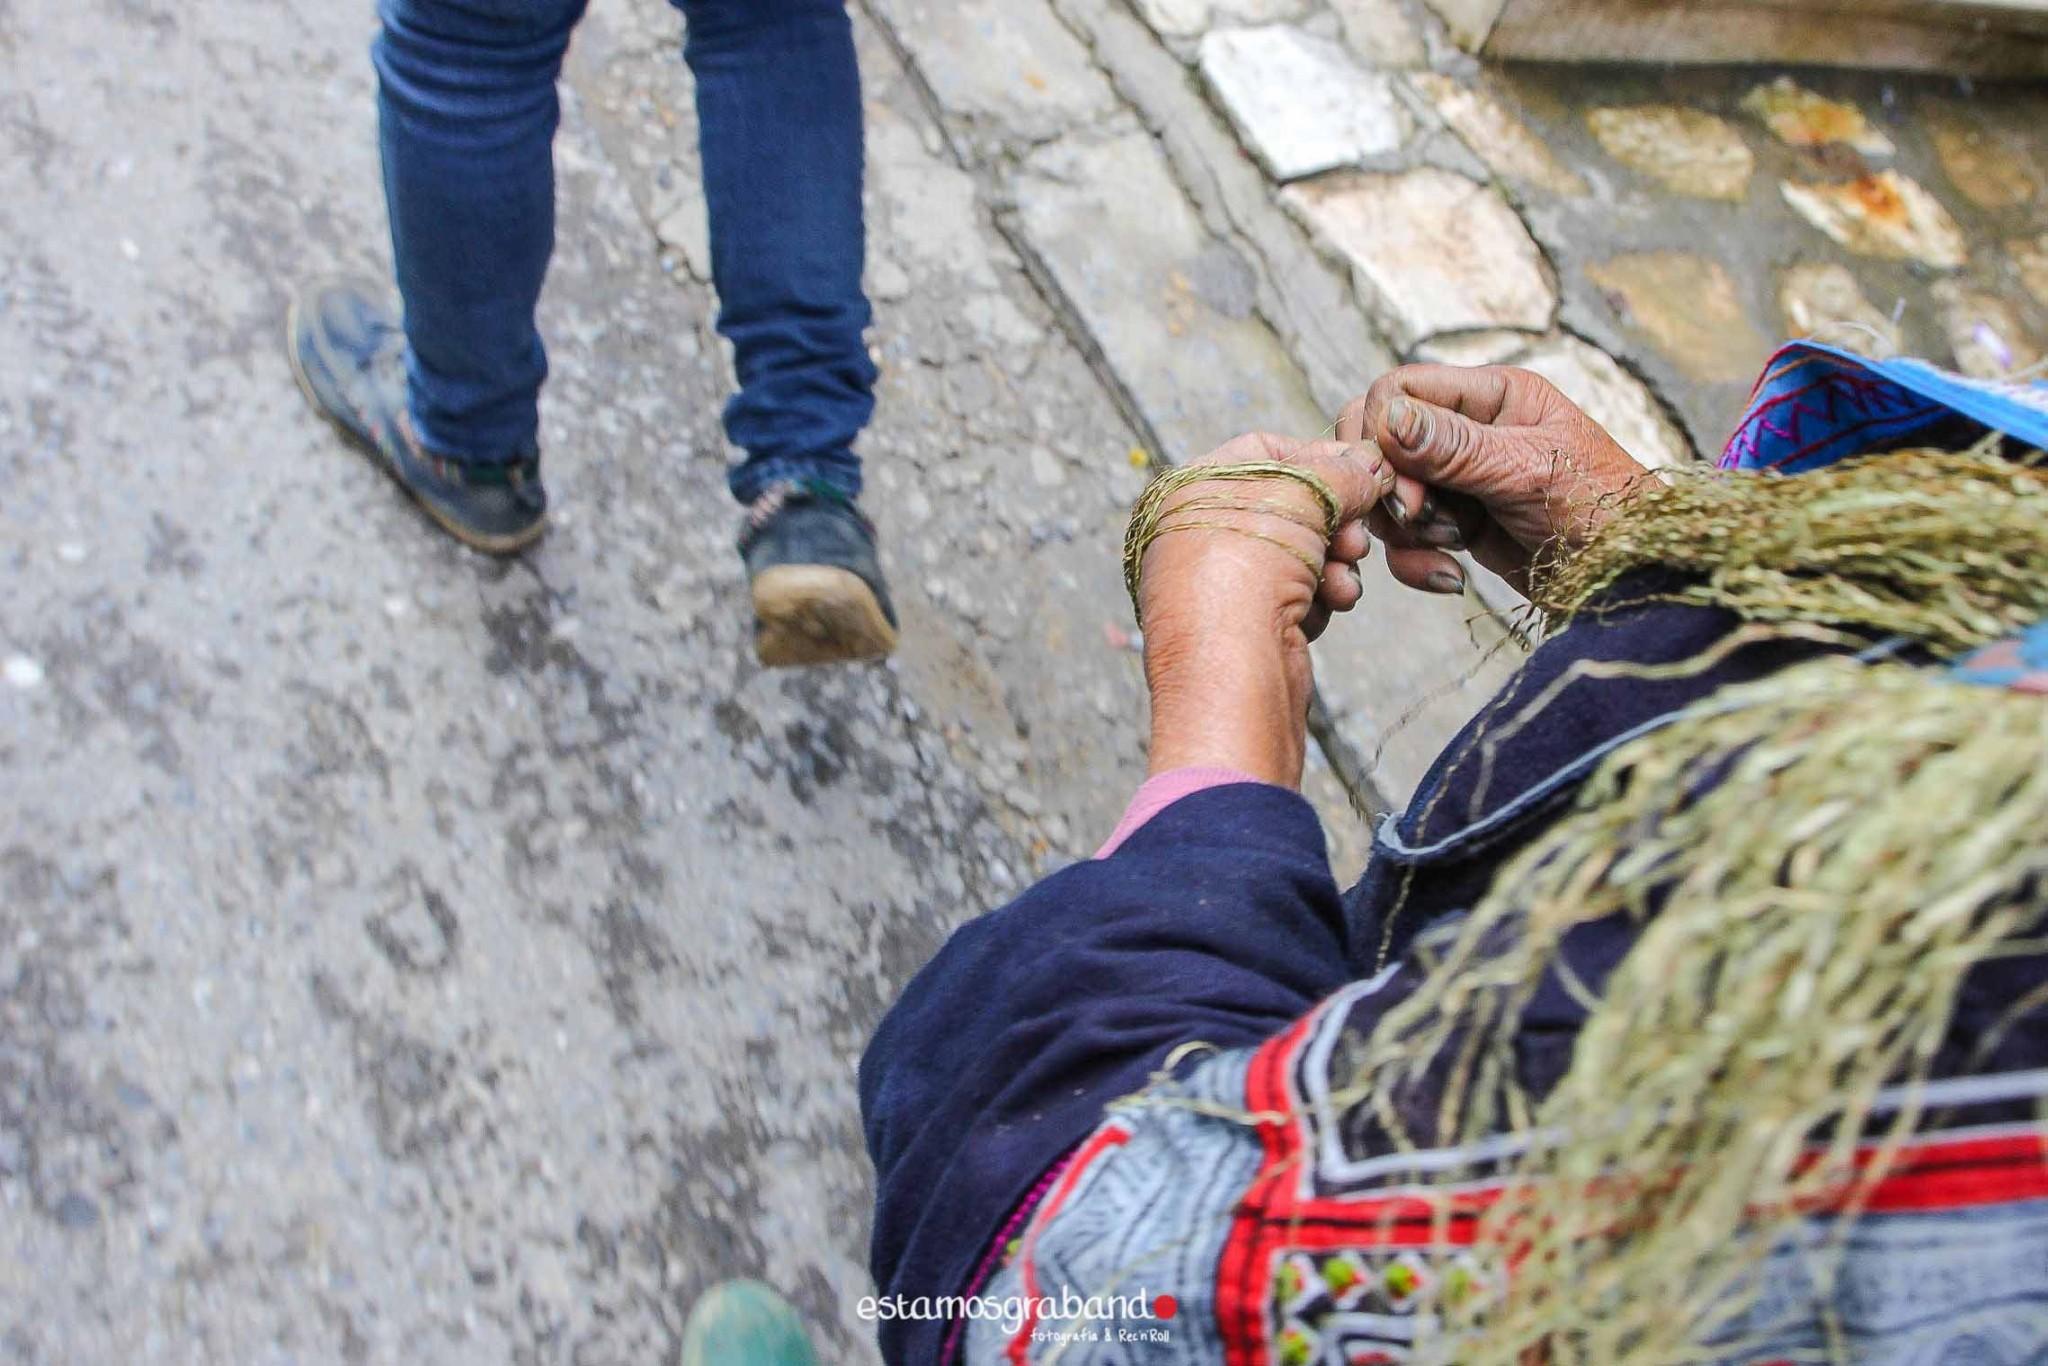 reportaje-vietnam_fotograficc81a-vietnam_estamosgrabando-vietnam_rutasvietnam_reportaje-retratos-fotos-vietnam_fotografia-vietnam_reportaje-estamosgrabando-fotograficc81a-vietnam Pequeños grandes recuerdos de Vietnam en 100 imágenes - video boda cadiz